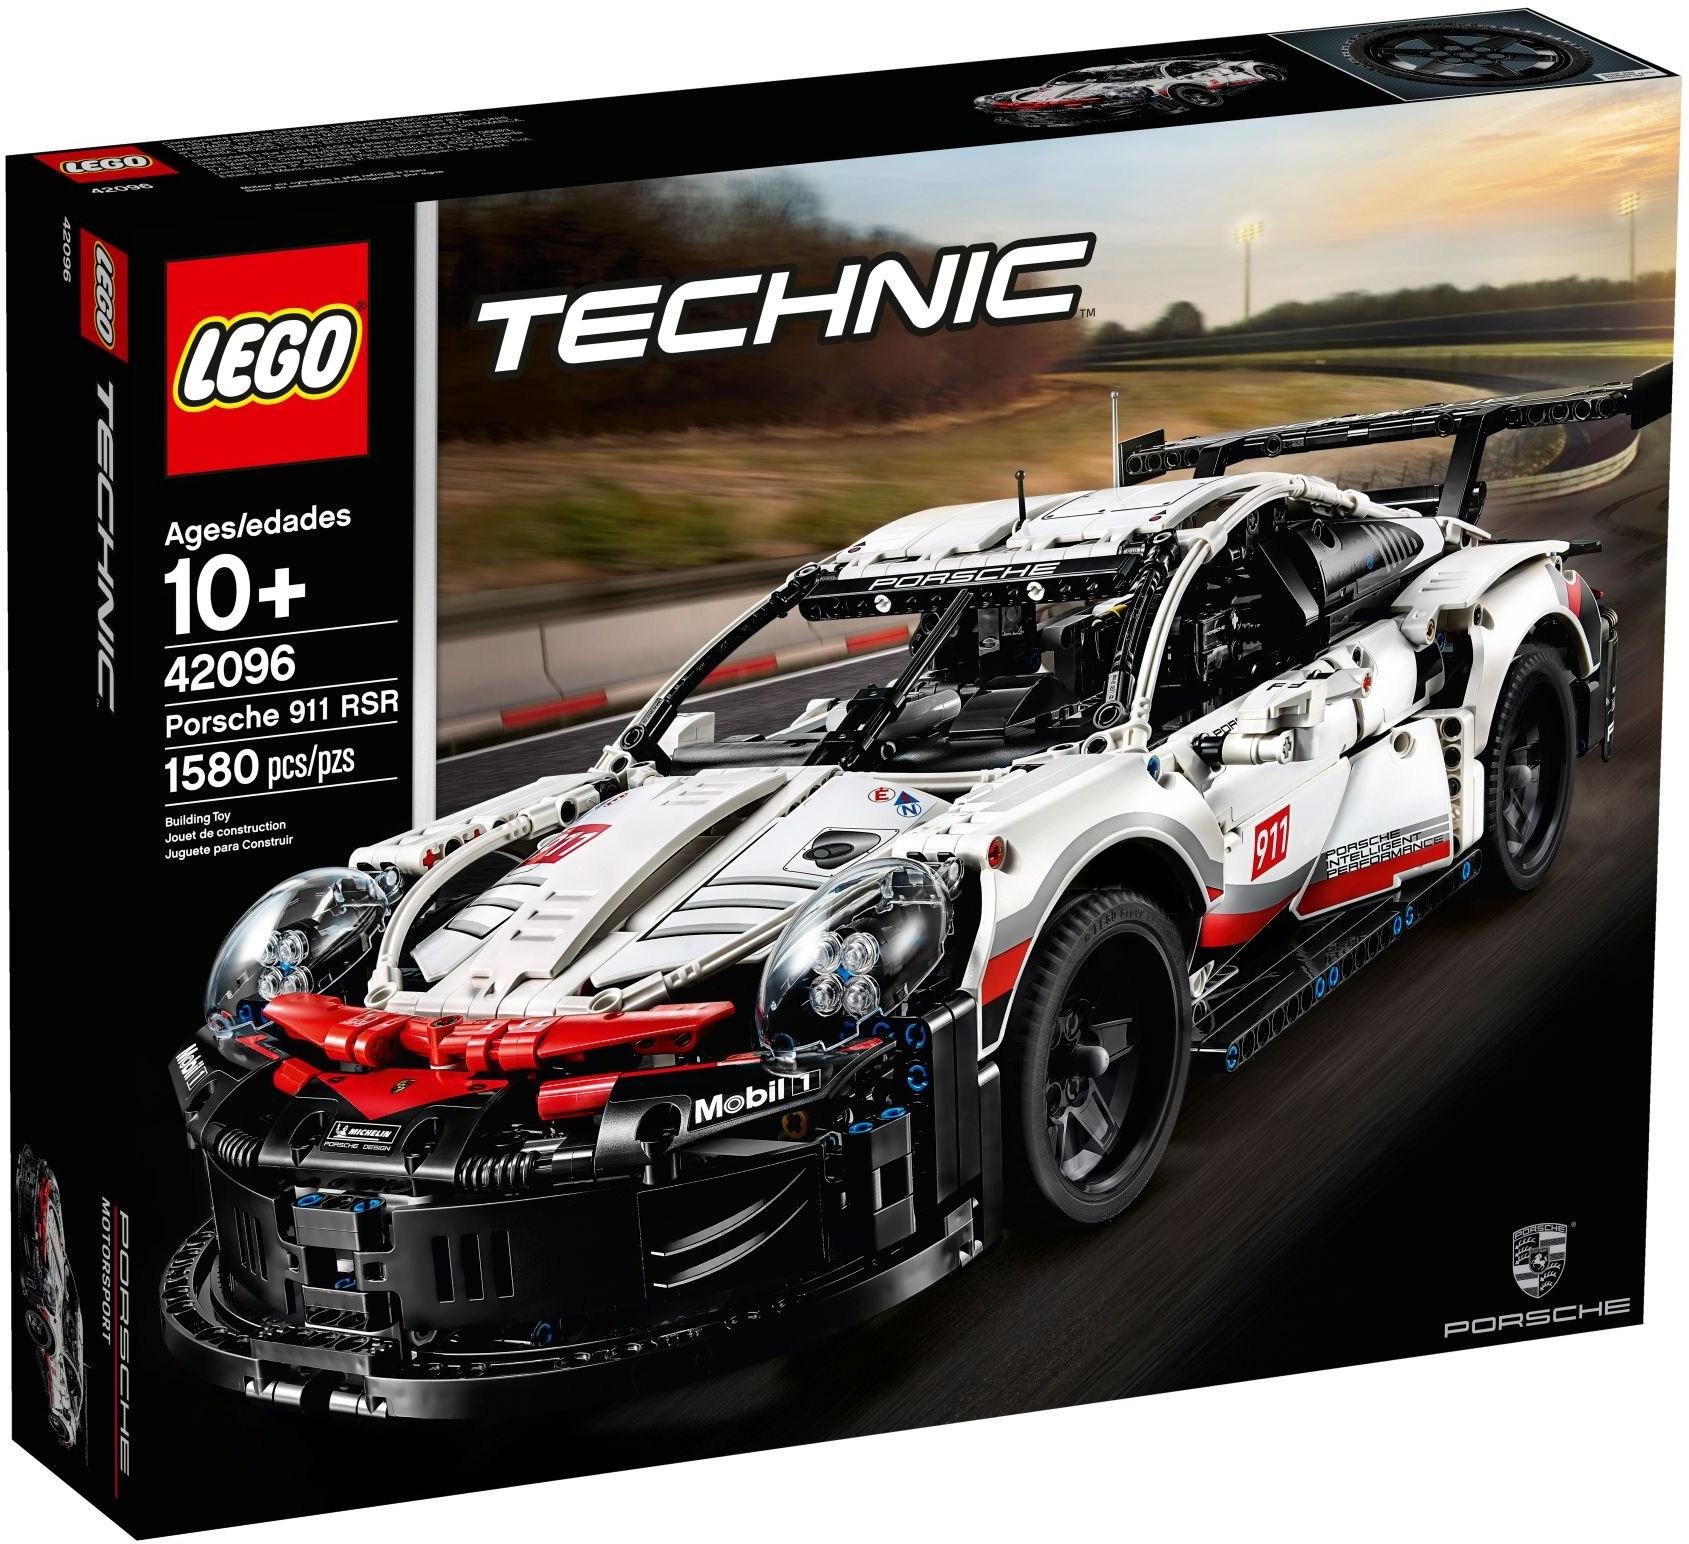 LEGO PORSCHE 911 RSR - 42096